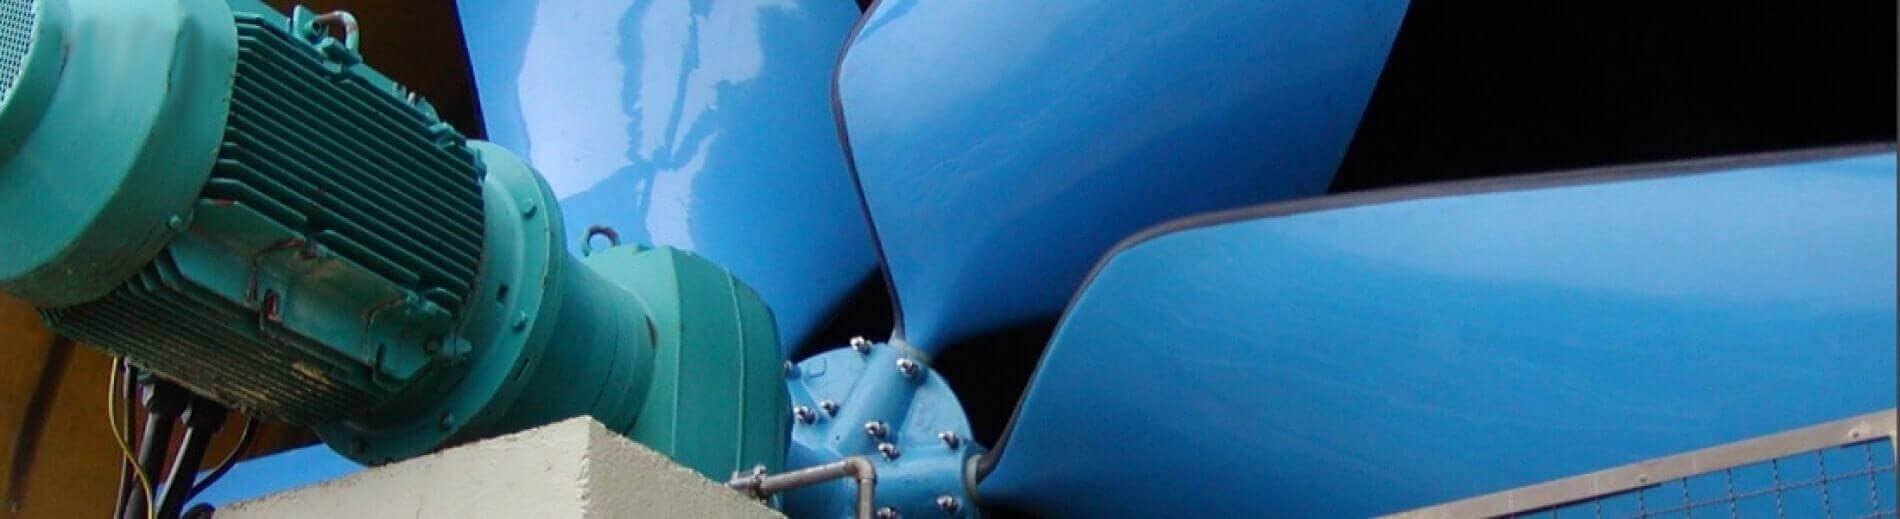 وأعدت شركة Frabrd ليأخذك على مشاريع النفط والغاز والبتروكيماويات في مجال أبراج التبريد في أقرب وقت ممكن